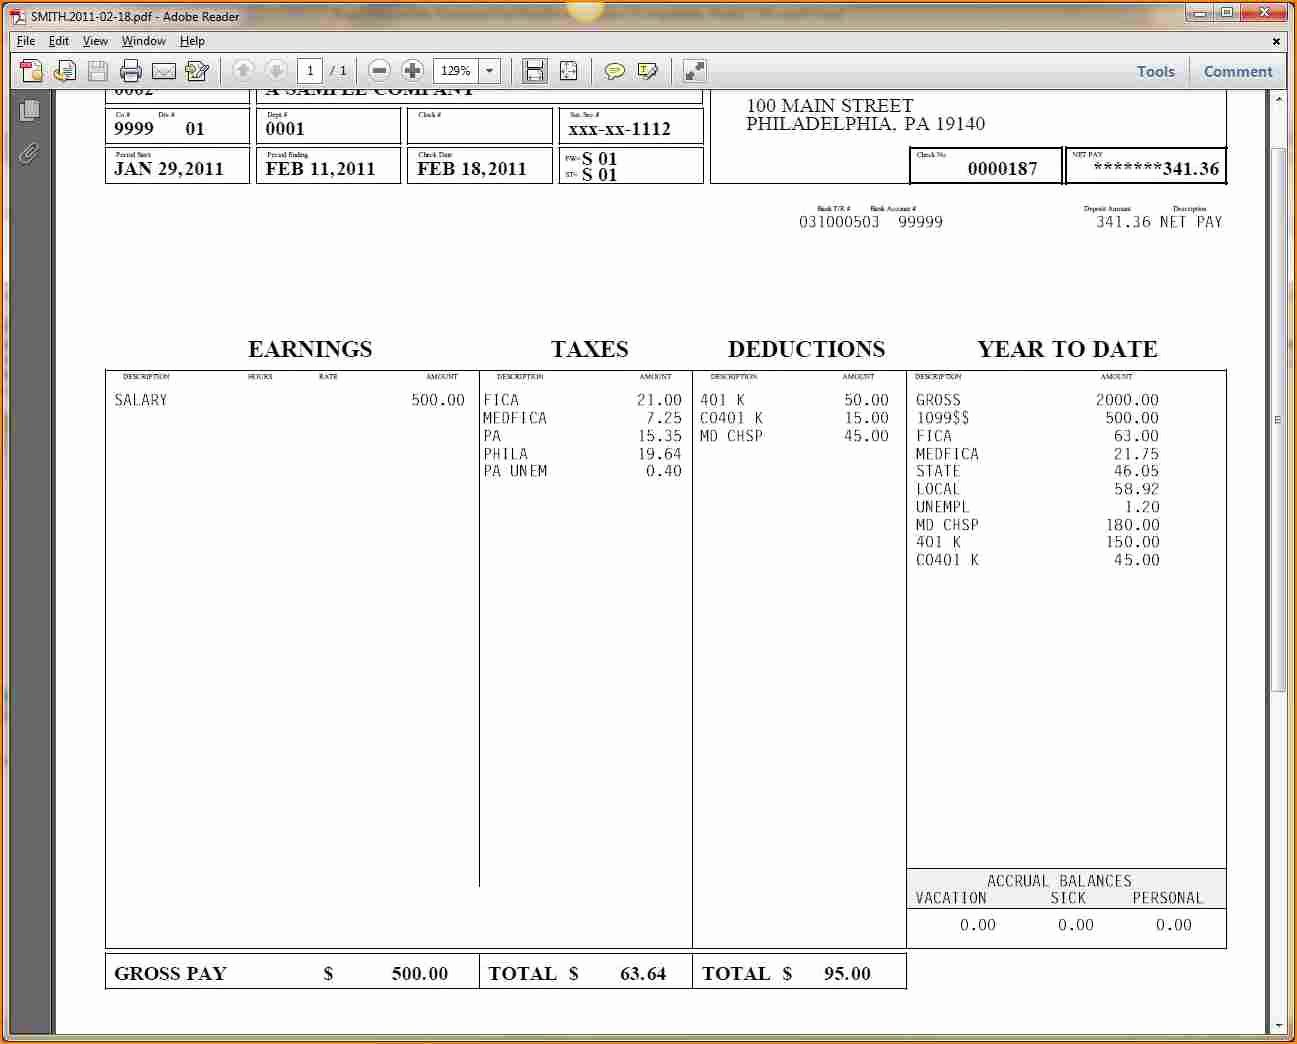 Payroll Check Printing Template New 9 Printable Payroll Checks